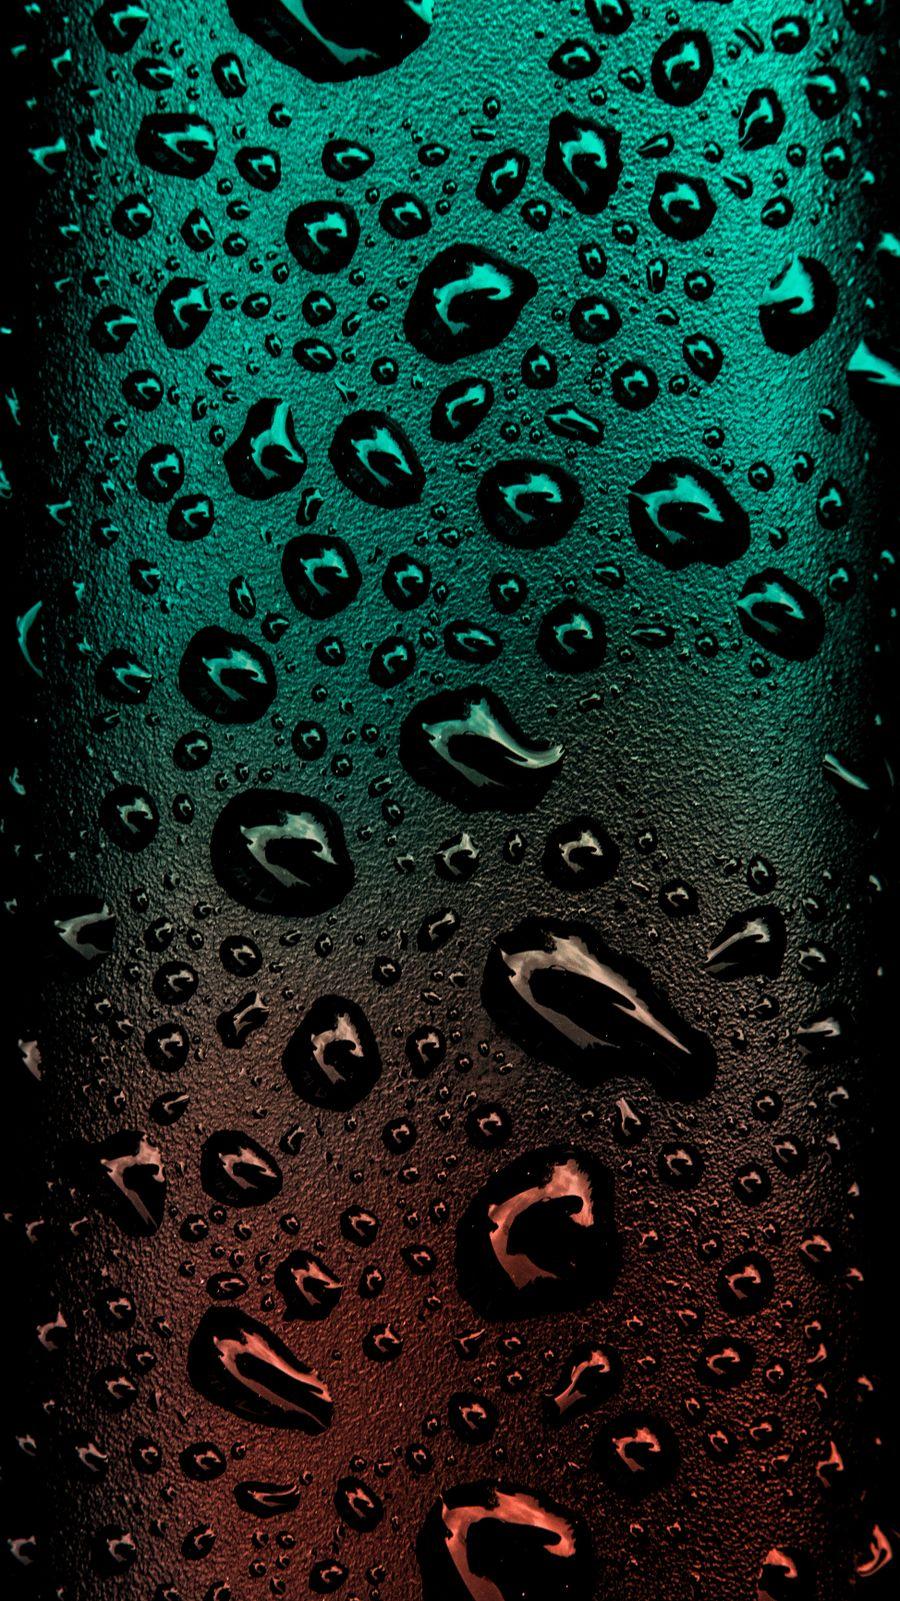 Обои на телефон чистые, черные, фото, минимализм, капли дождя, капли, дождь, градиент, hd